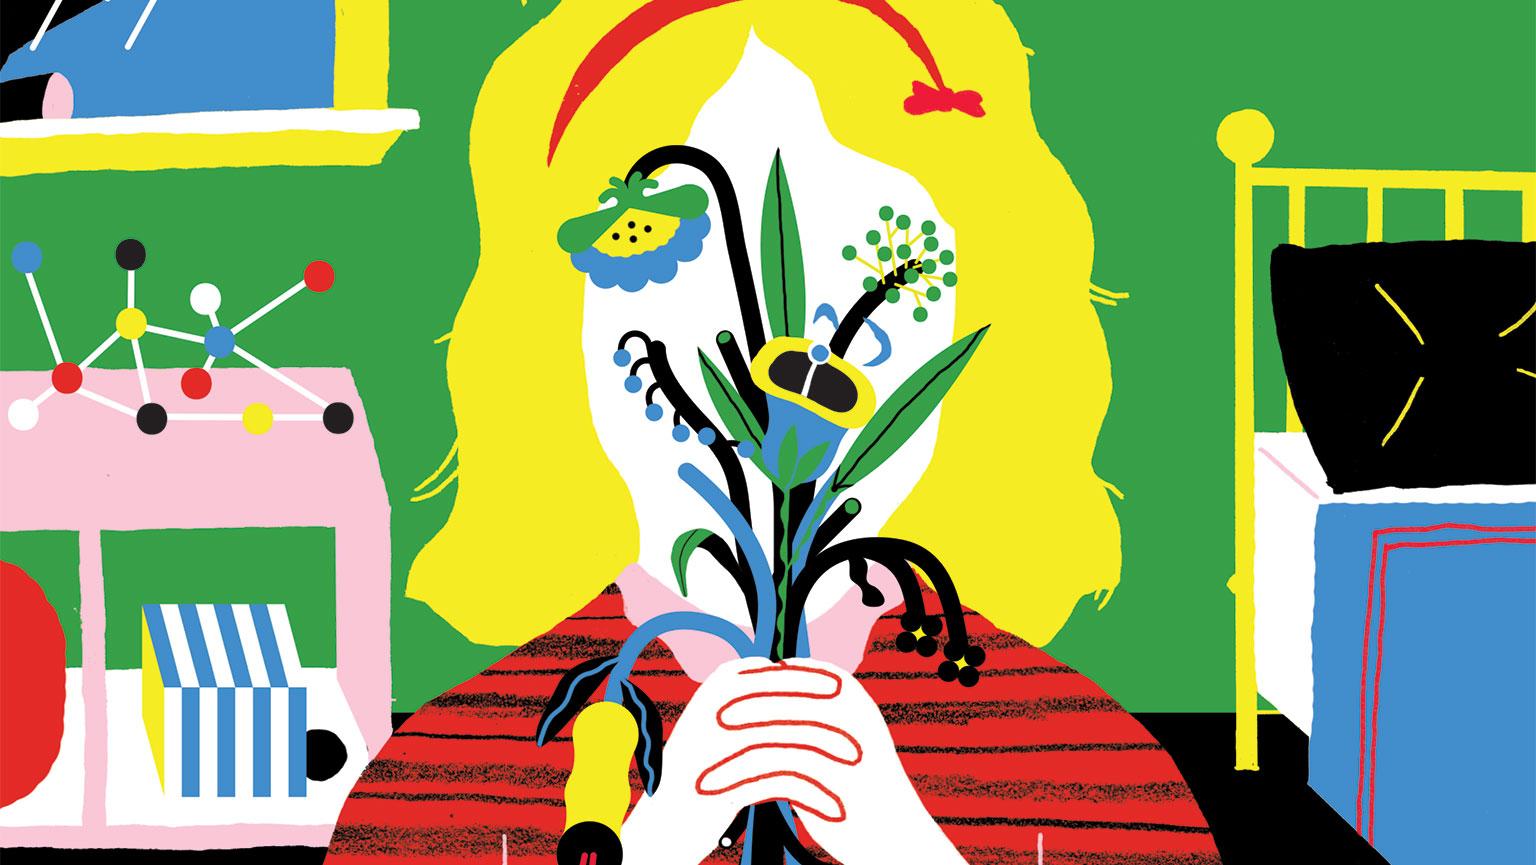 Illustration by Adrian Forrow